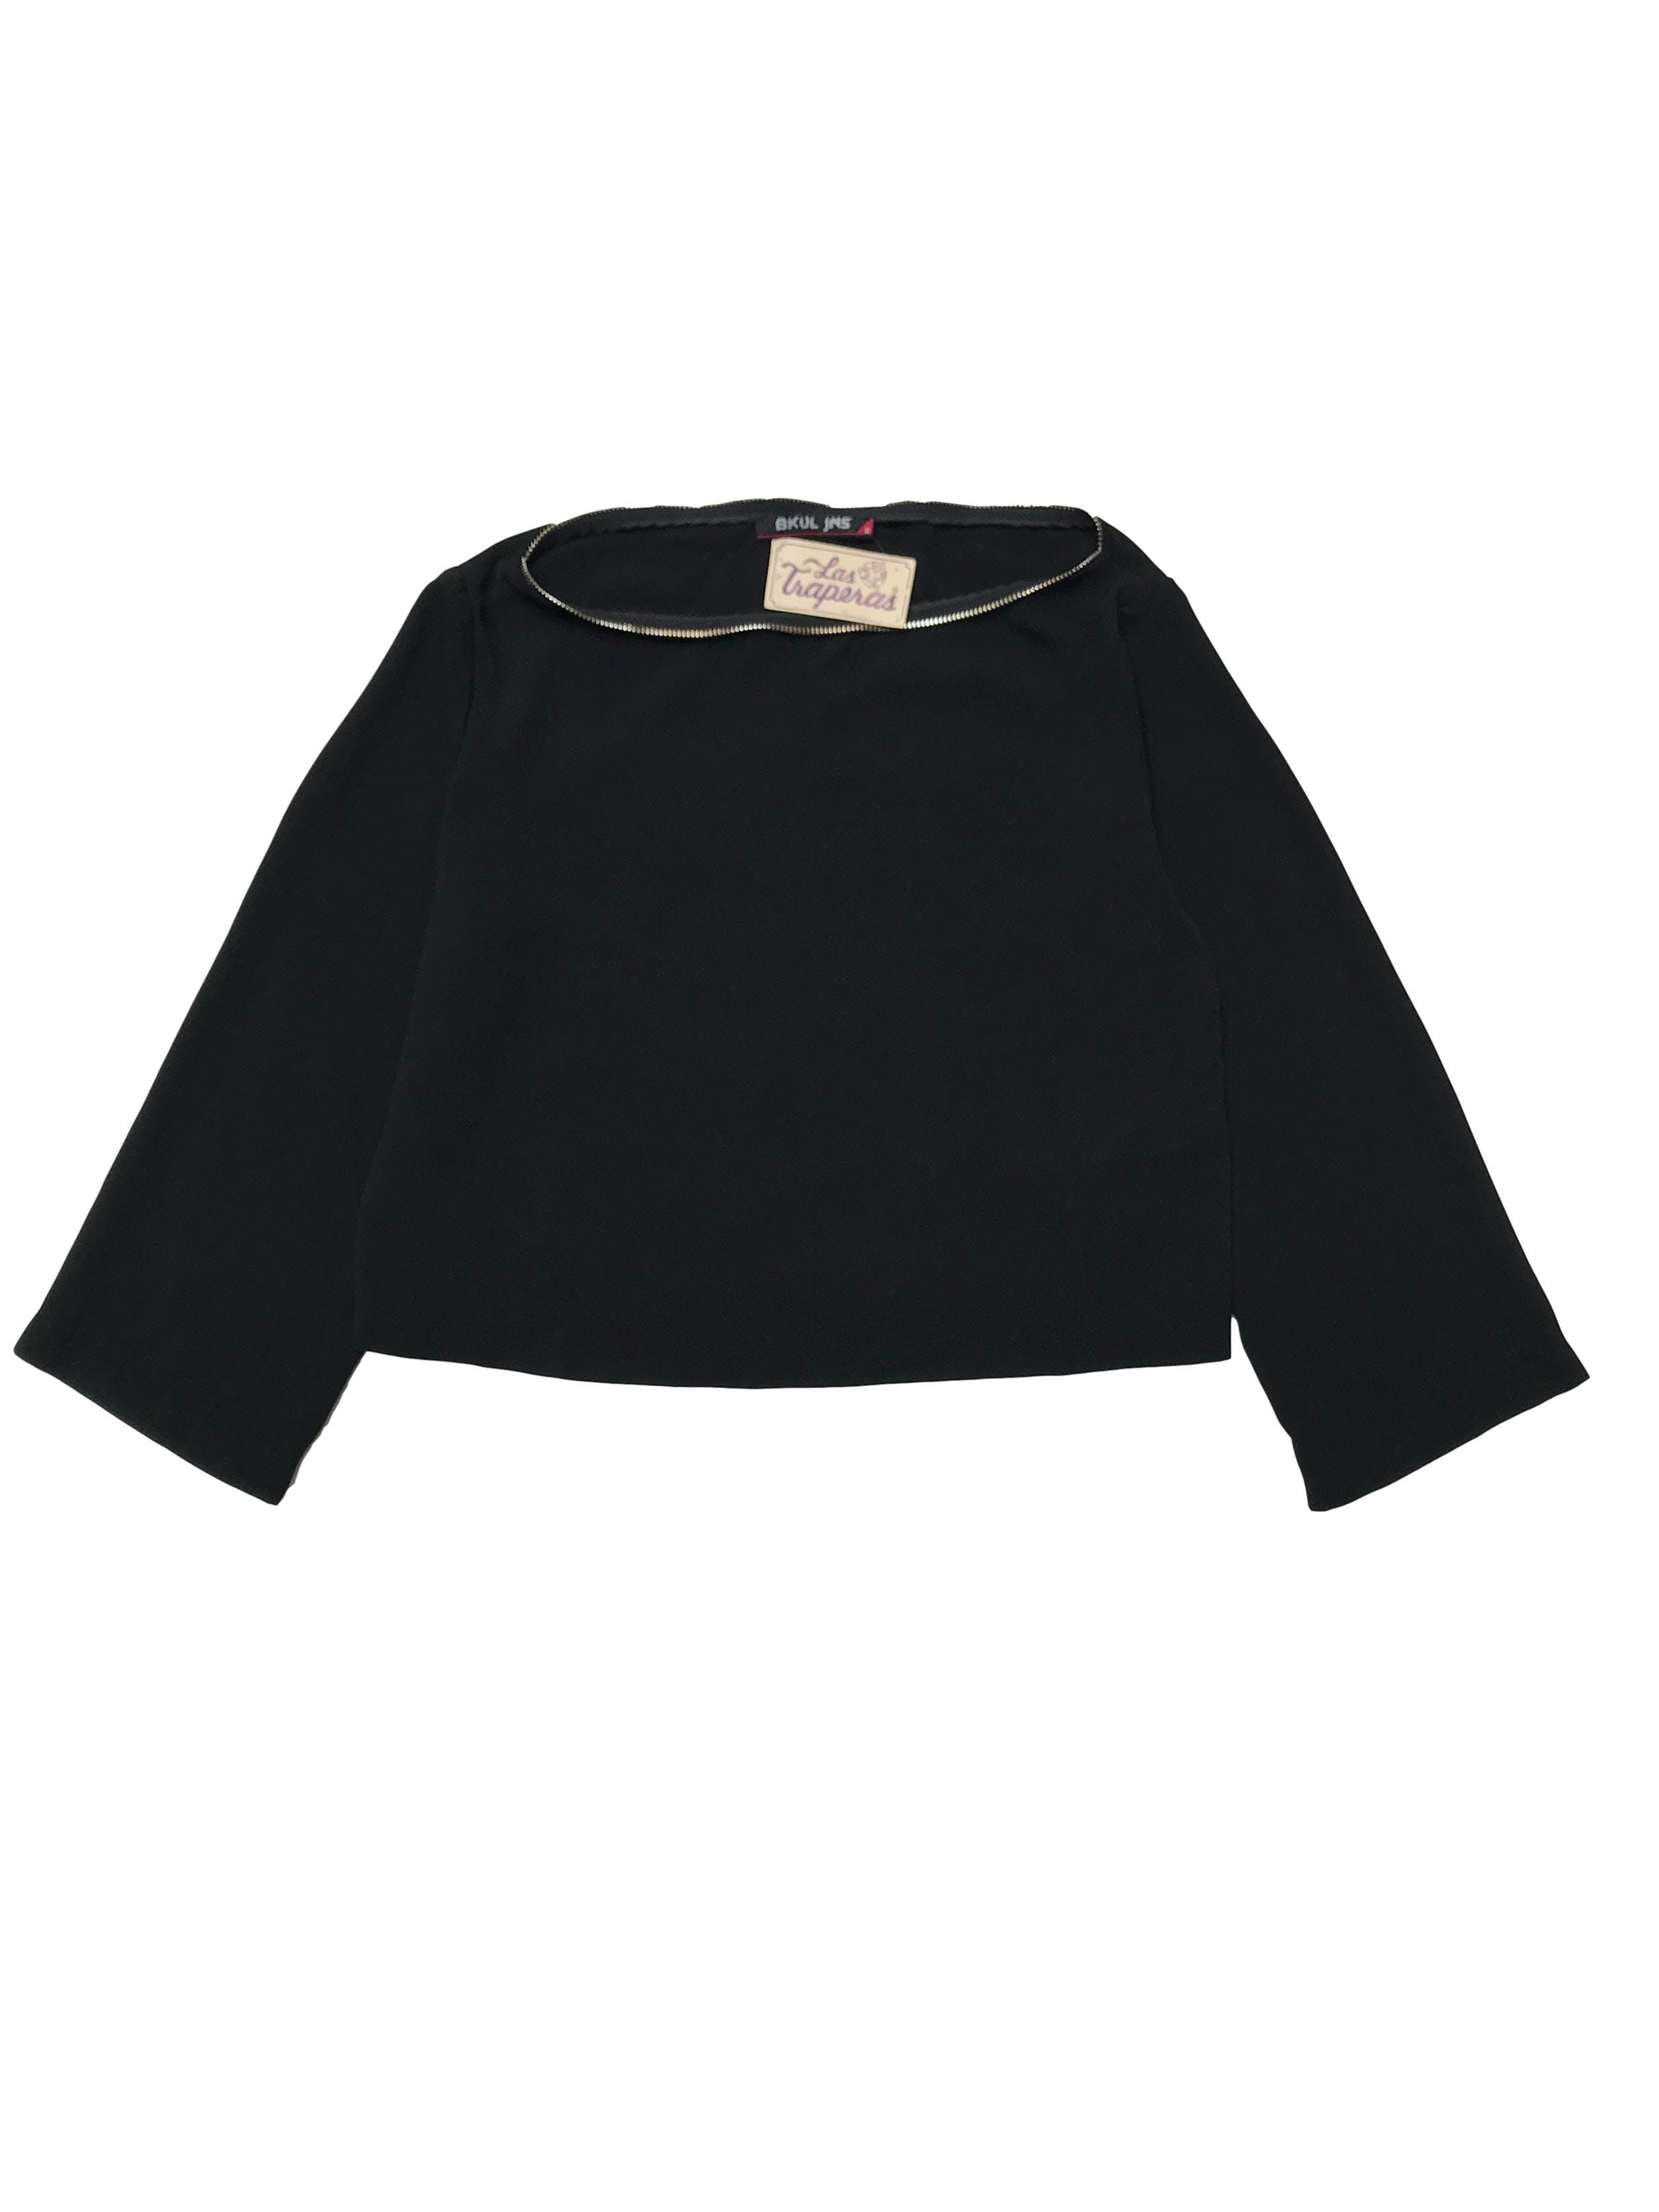 Blusa crop negra con detalle tipo cierre en el cuello. Largo 42cm